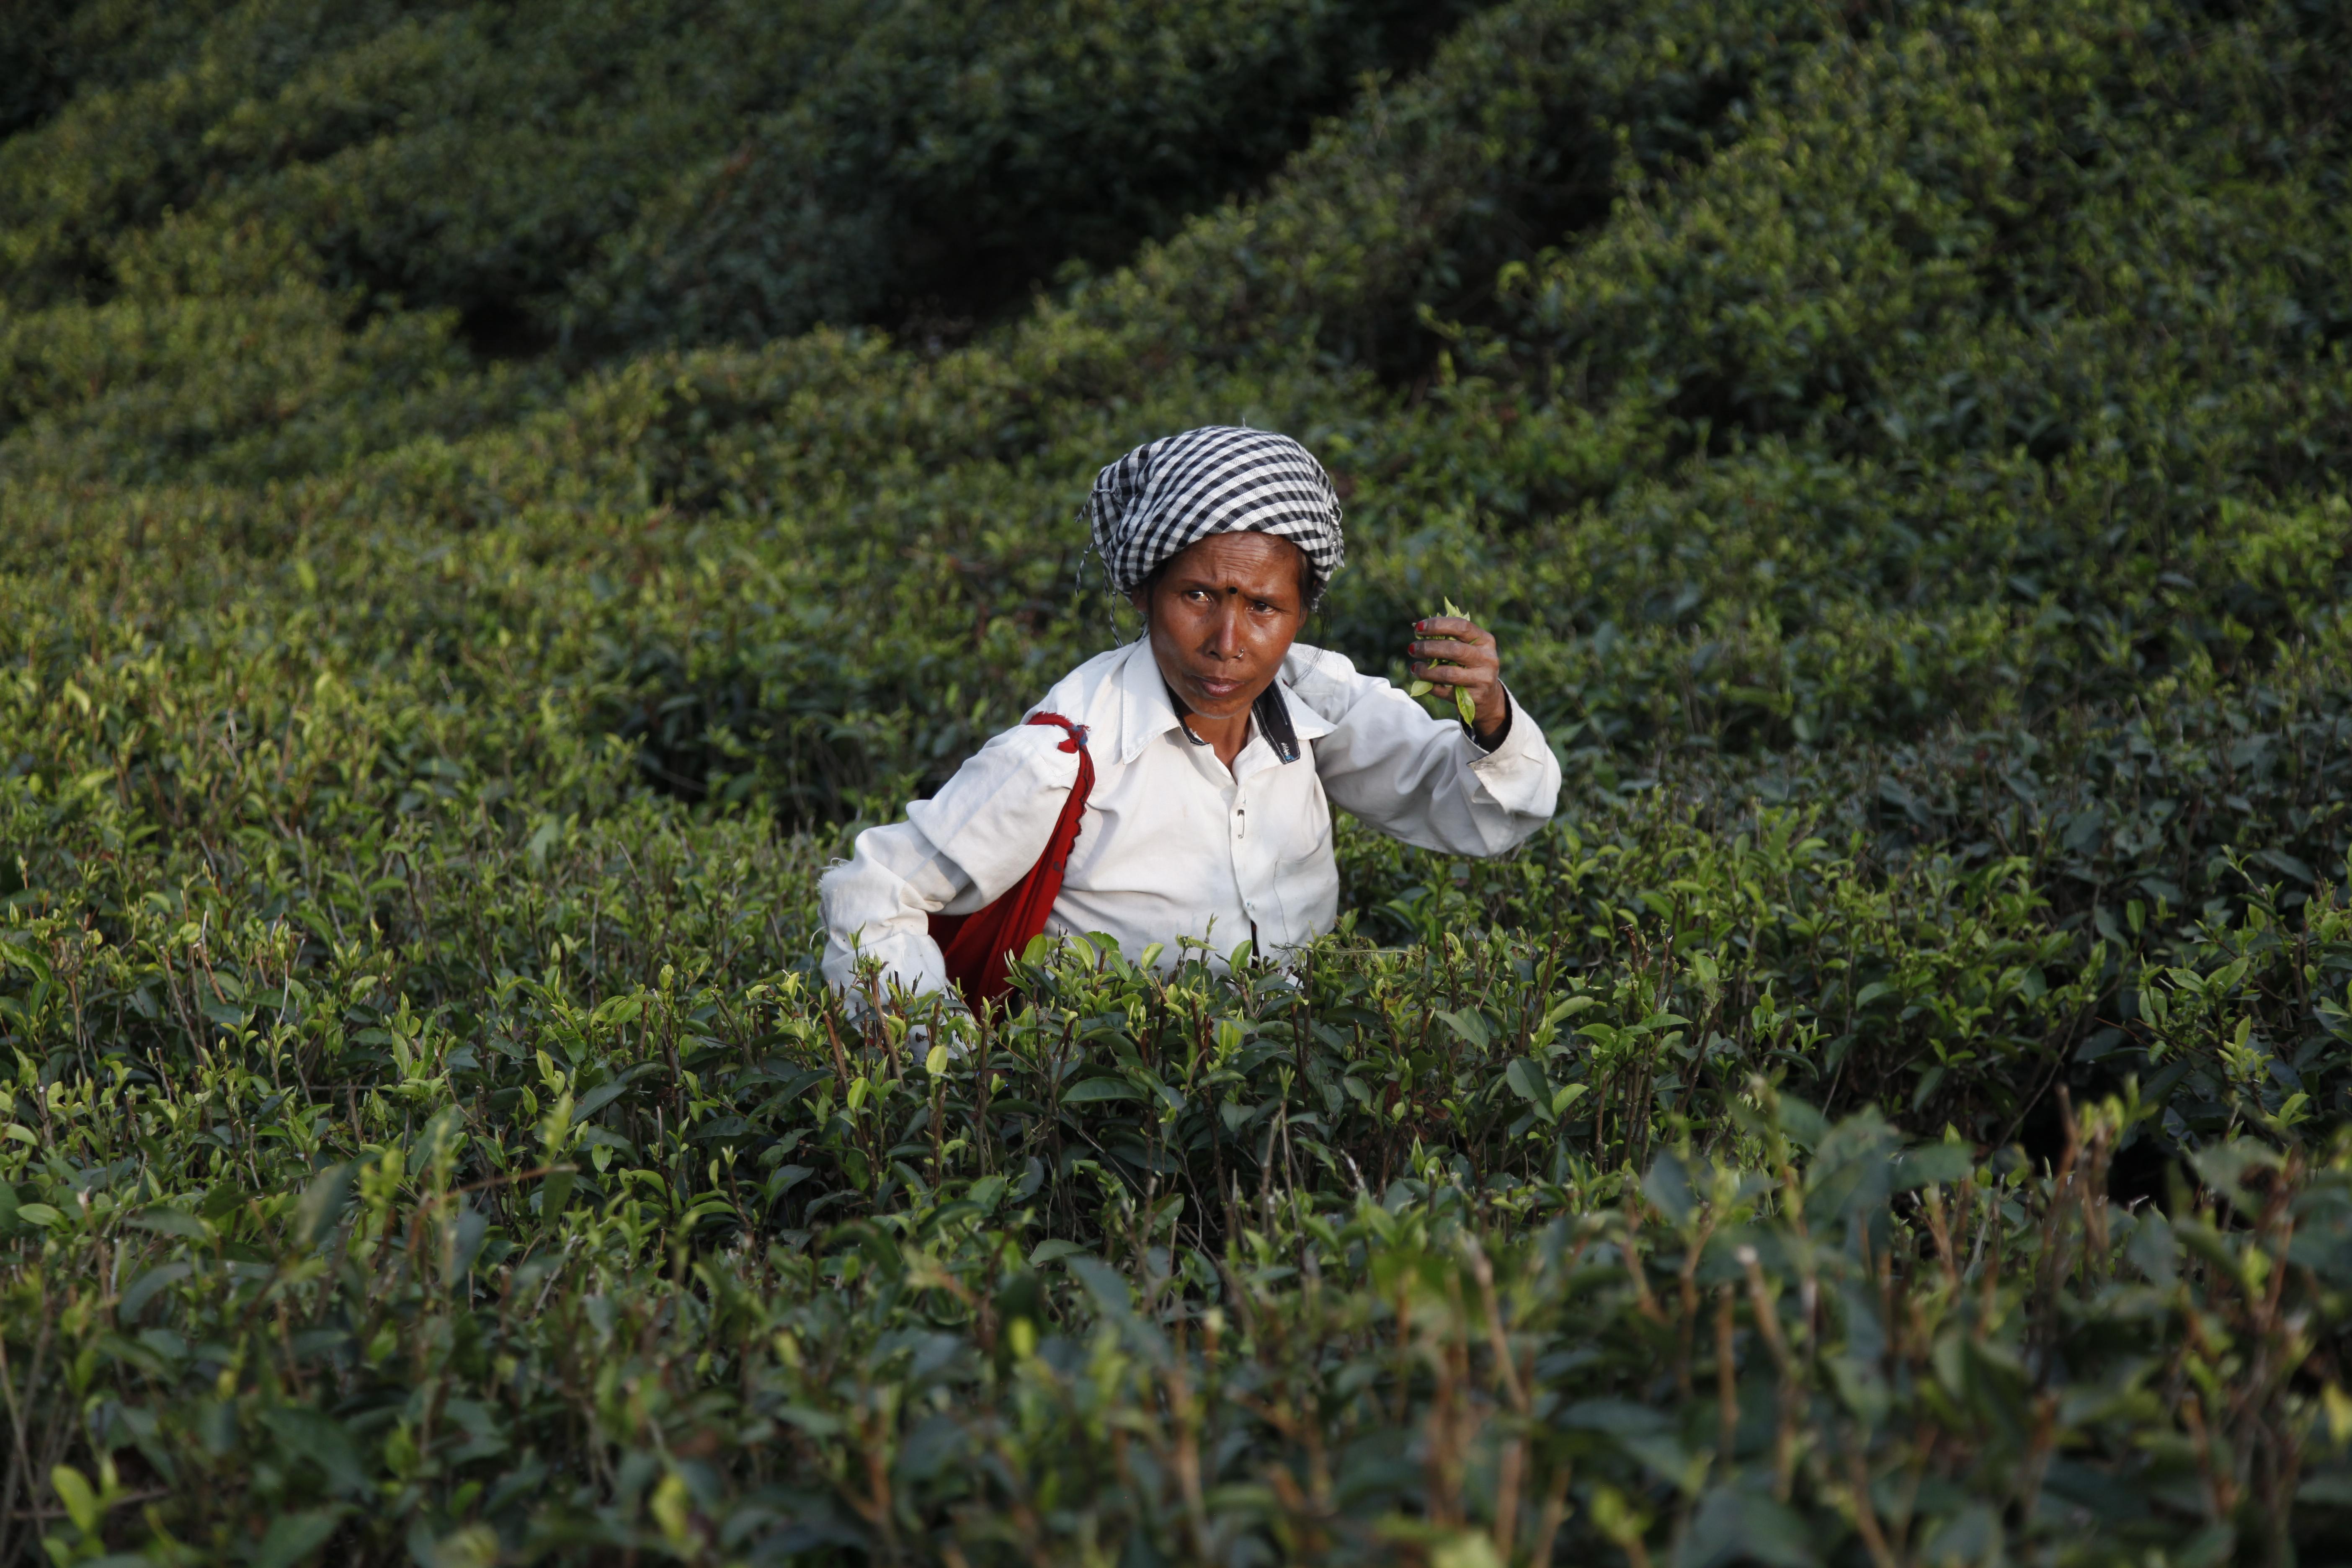 Darjeeling Opens the Season